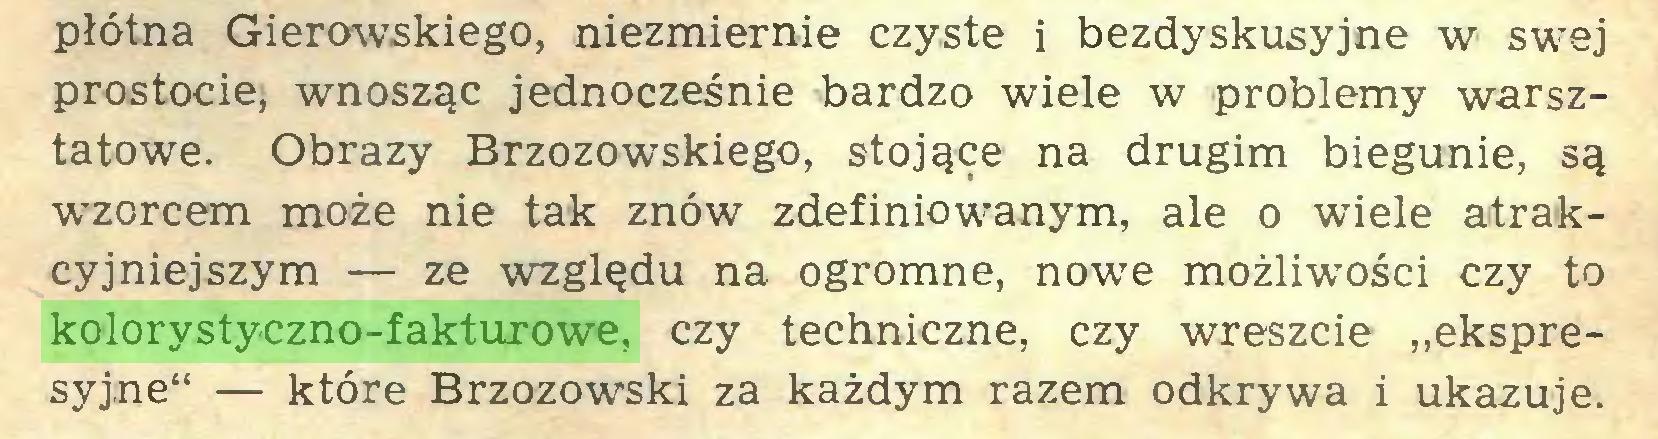 """(...) płótna Gierowskiego, niezmiernie czyste i bezdyskusyjne w swej prostocie, wnosząc jednocześnie bardzo wiele w problemy warsztatowe. Obrazy Brzozowskiego, stojące na drugim biegunie, są wzorcem może nie tak znów zdefiniowanym, ale o wiele atrakcyjniejszym — ze względu na ogromne, nowe możliwości czy to kolorystyczno-fakturowe, czy techniczne, czy wreszcie """"ekspresyjne"""" — które Brzozowski za każdym razem odkrywa i ukazuje..."""